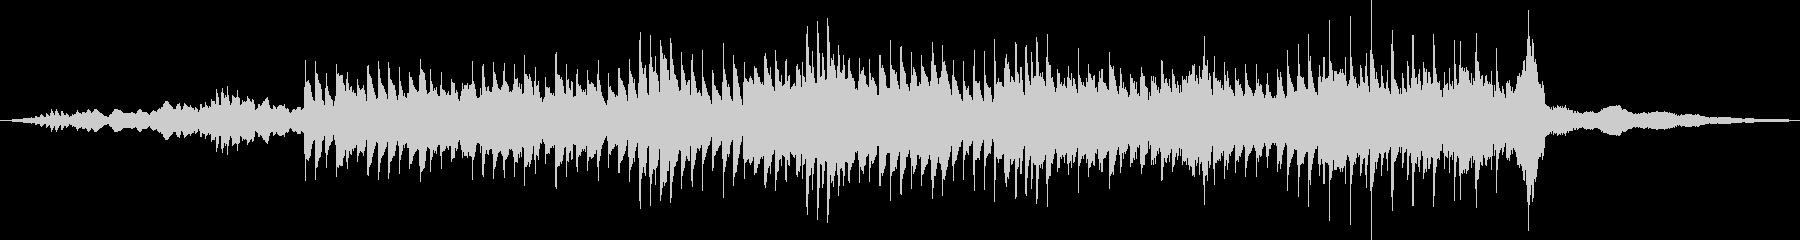 周囲の空気のような音は、オーケスト...の未再生の波形